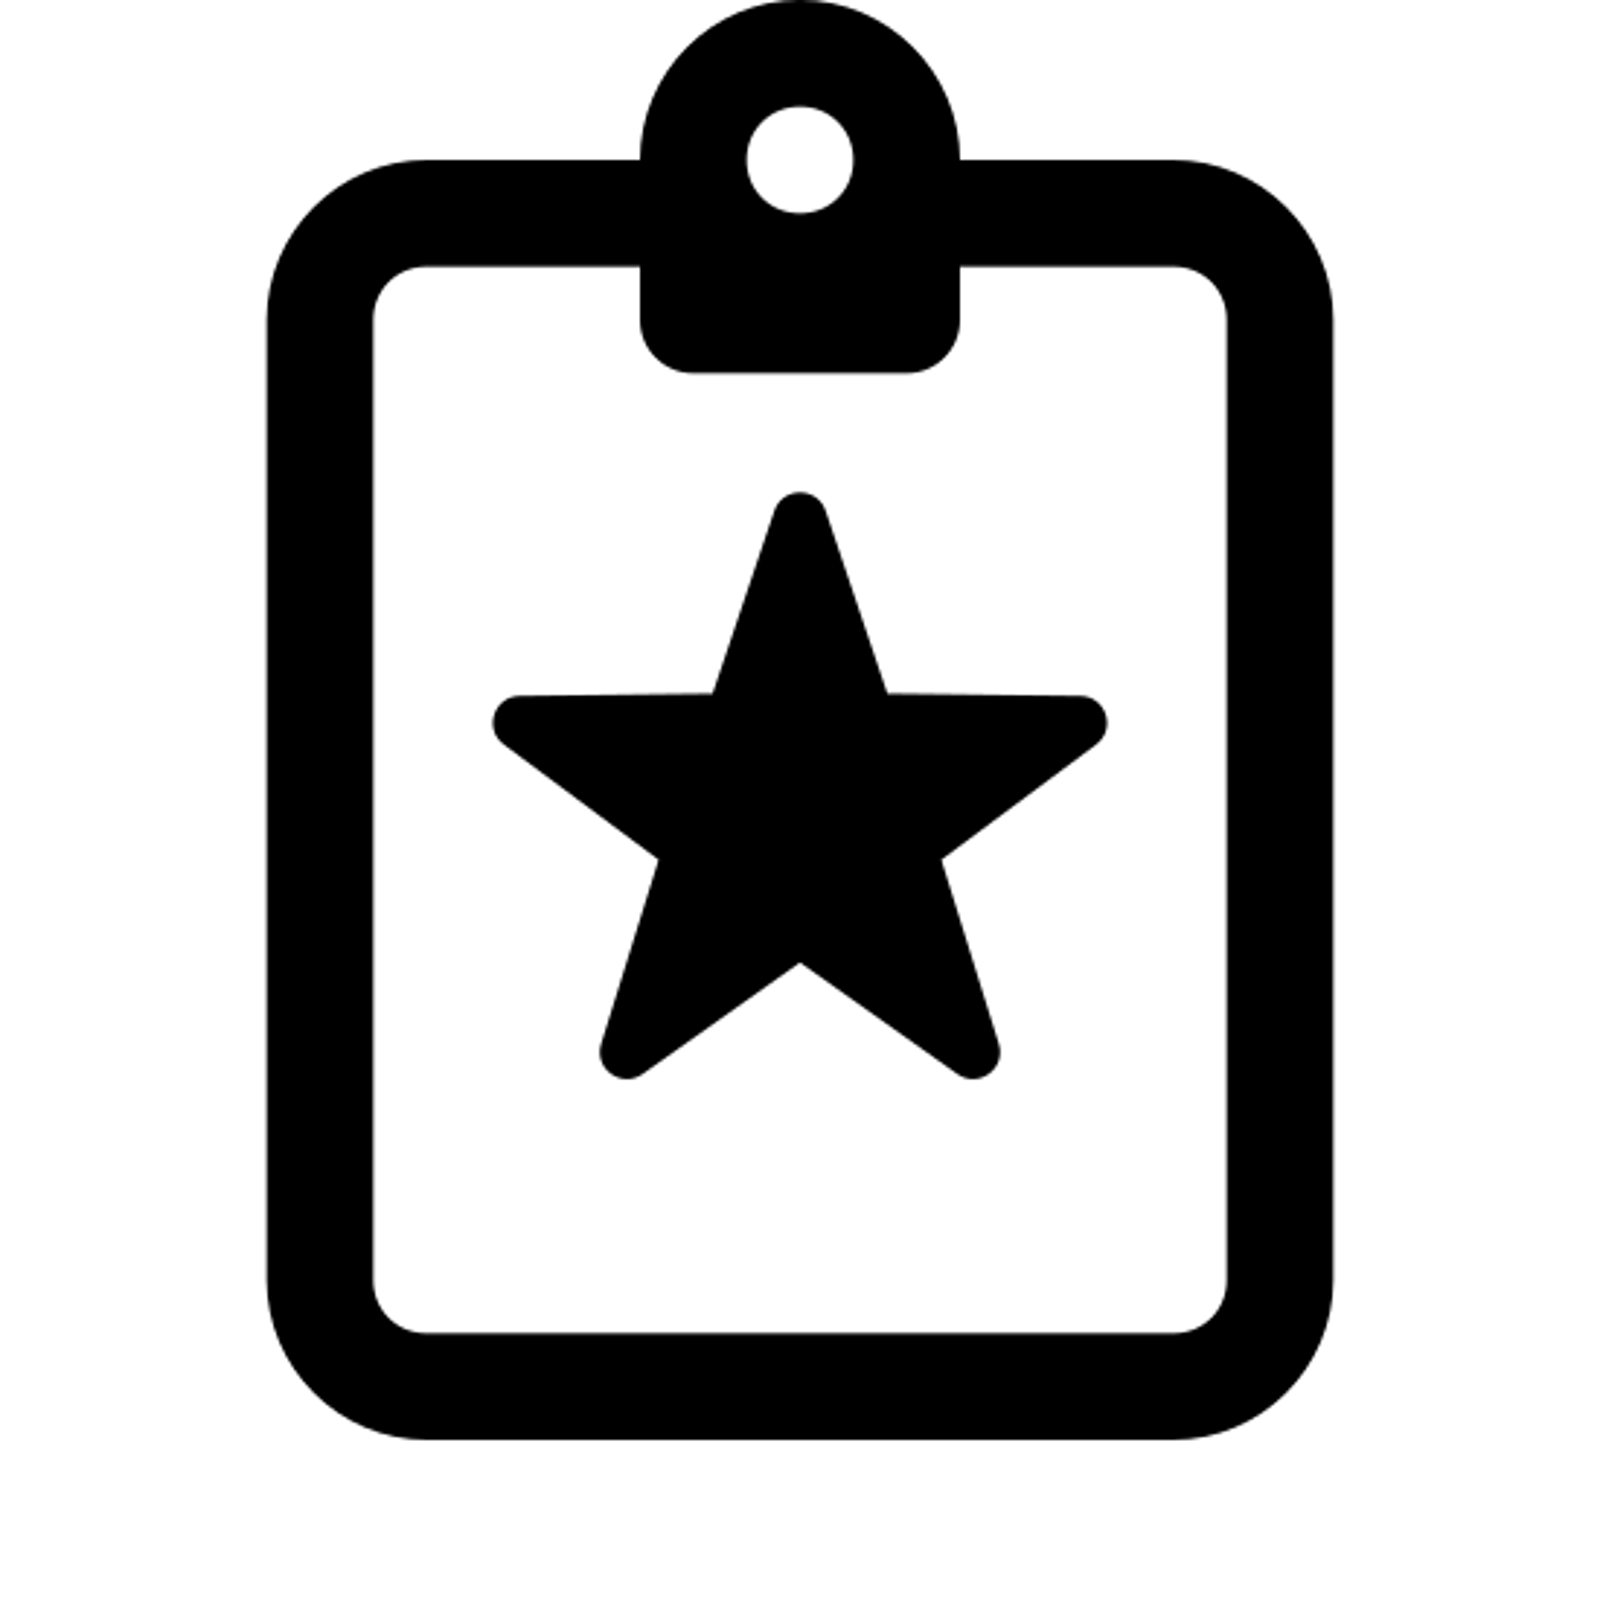 特殊貼り付け icon. A paste special icon consists of two parts that are both rectangular shape. The first symbol is a clipboard to show that something is being paste or copied down. The second part of the image is to represent that it is special, which will be a rectangle with a star in the middle.